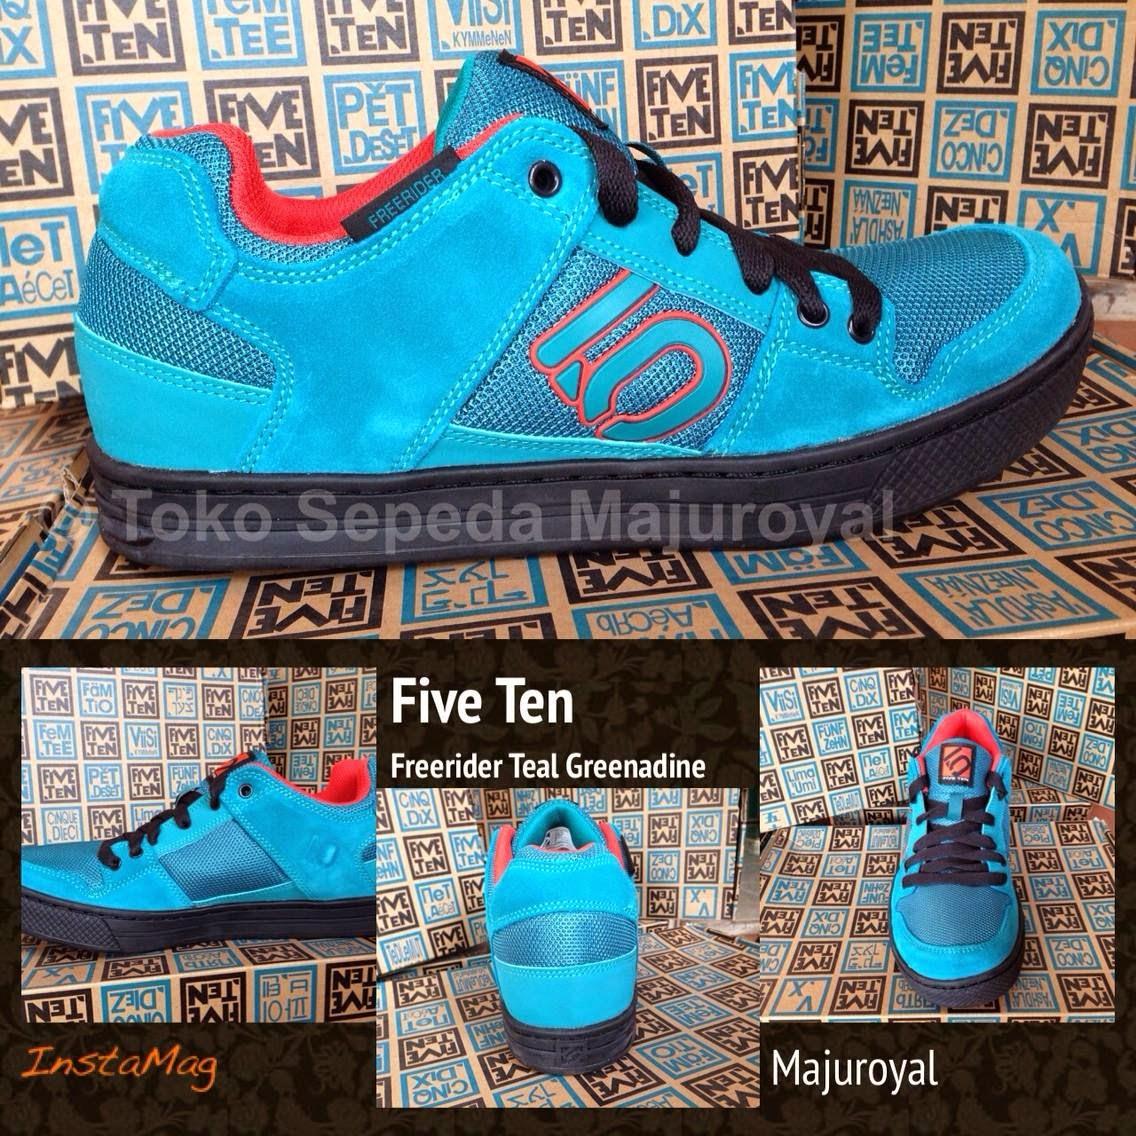 Sepatu Sepeda Five Ten Freerider Teal Grenadine